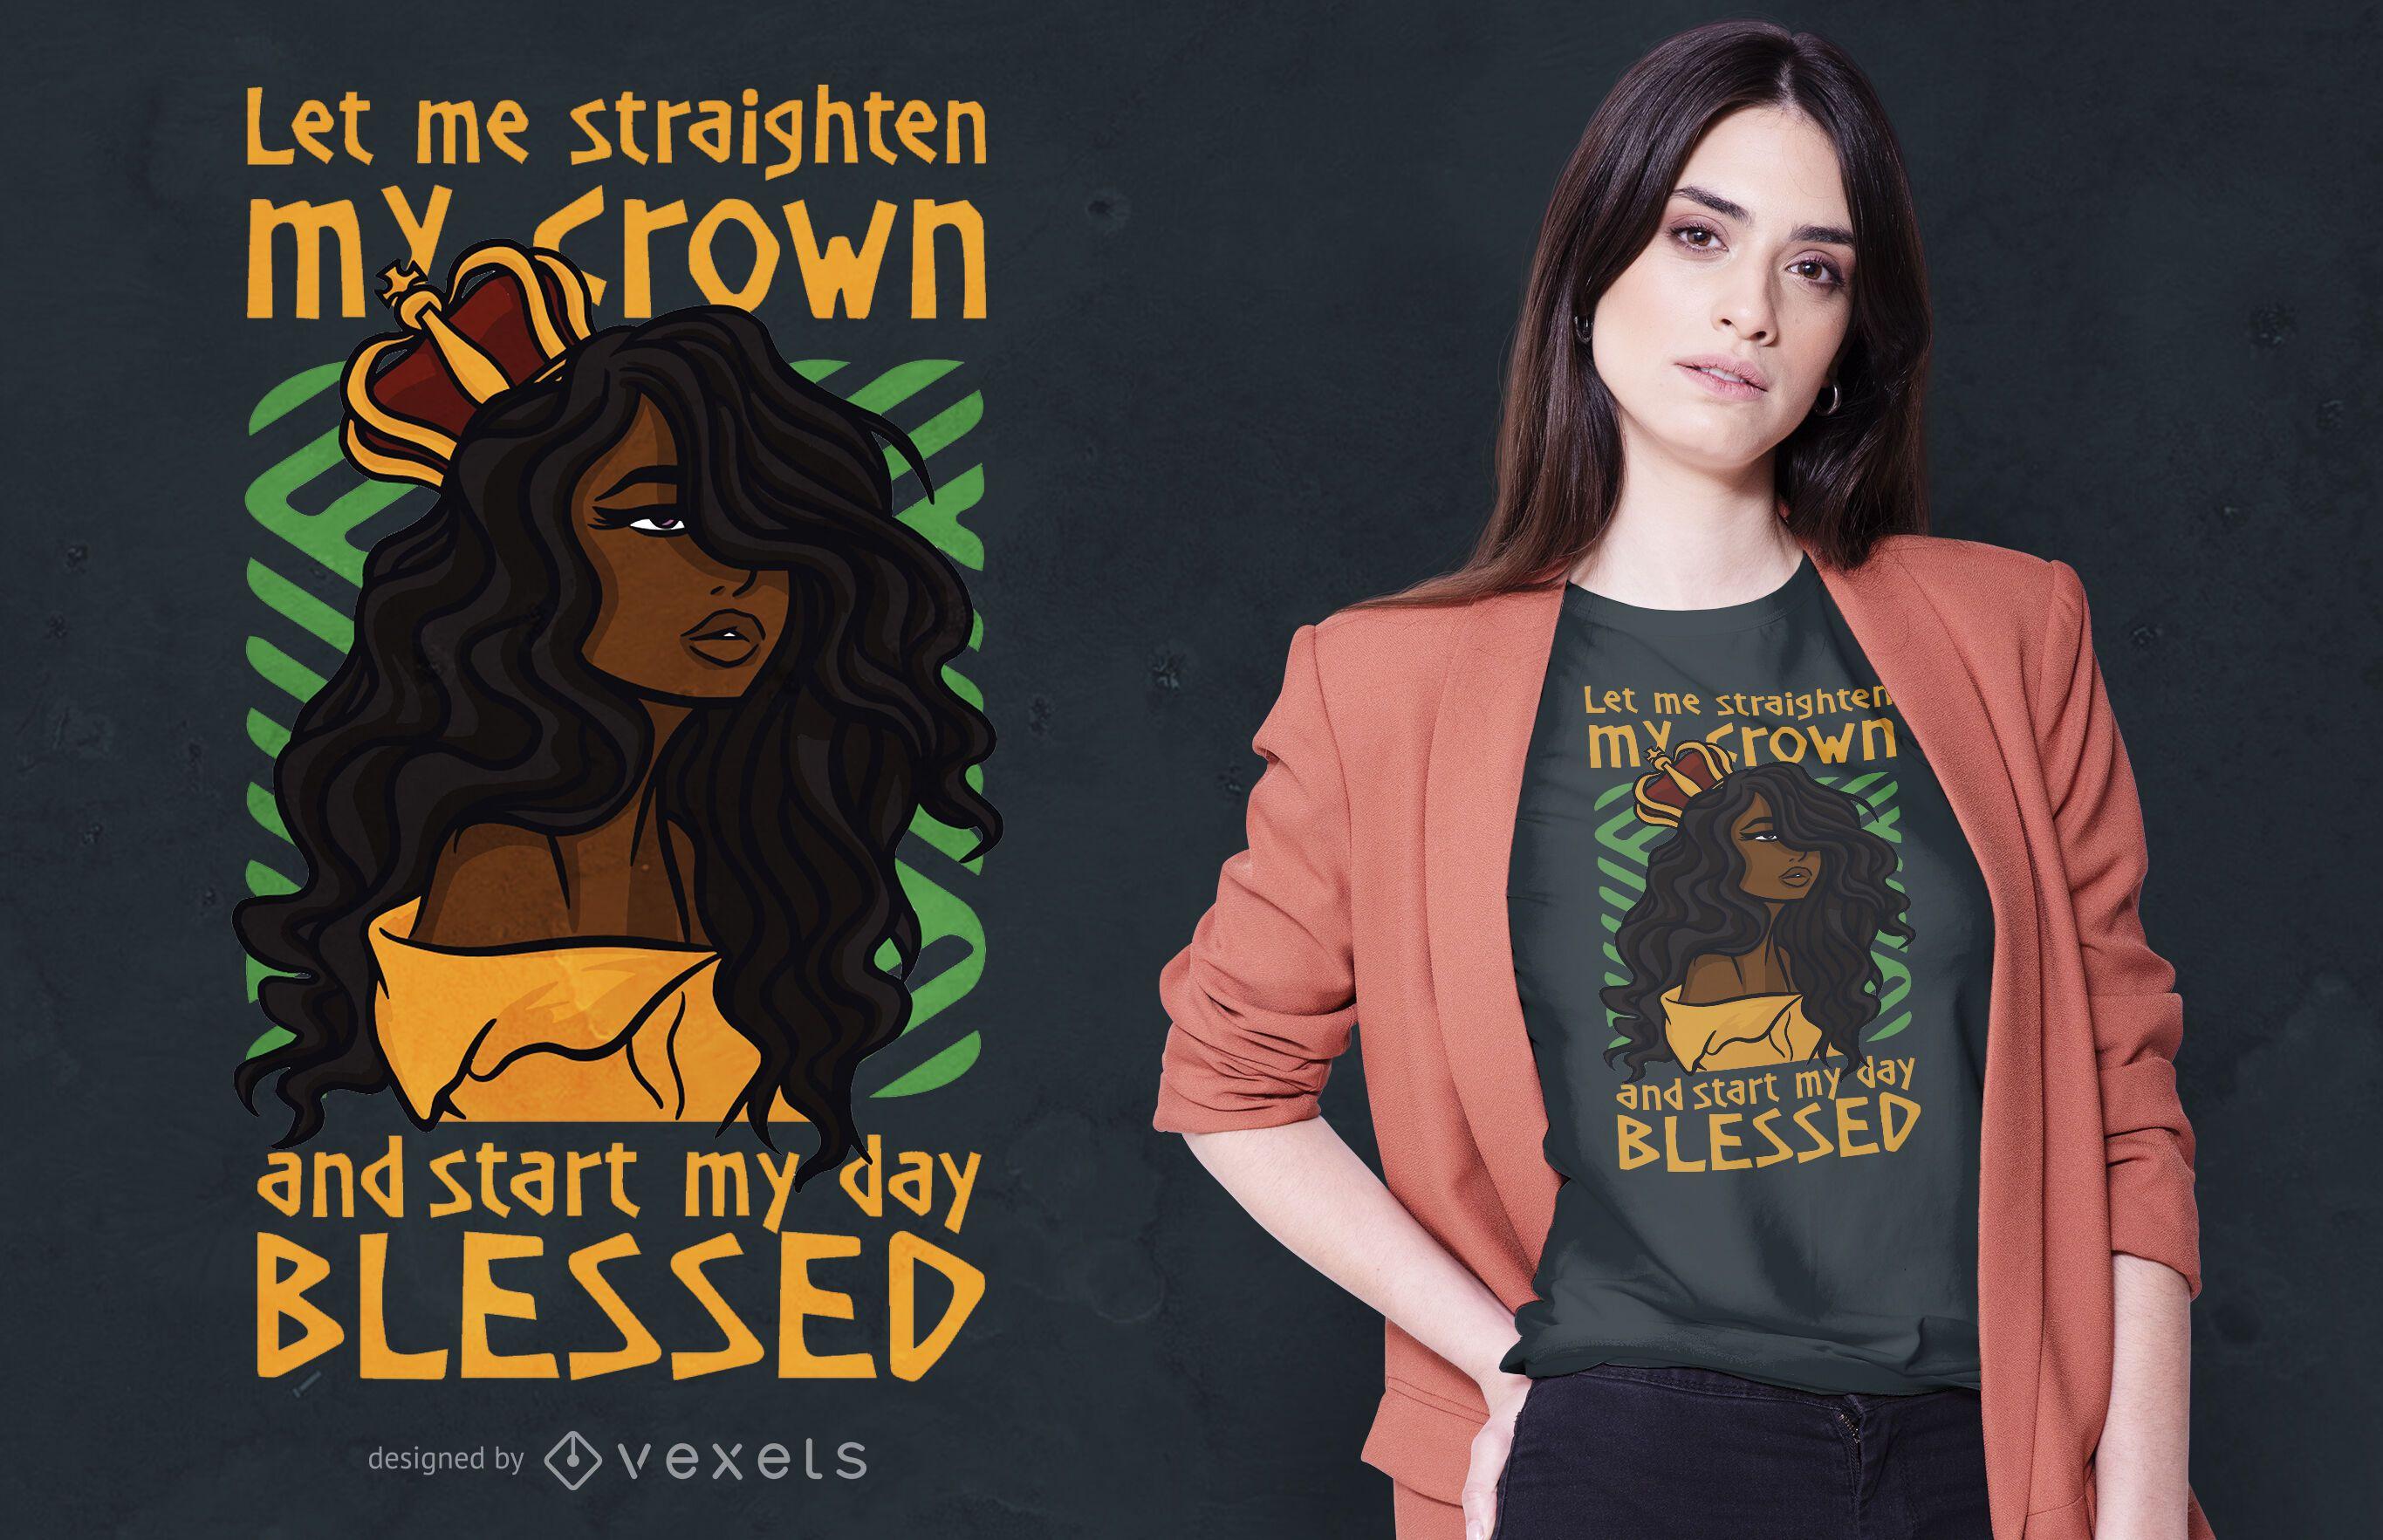 Straighten my crown t-shirt design